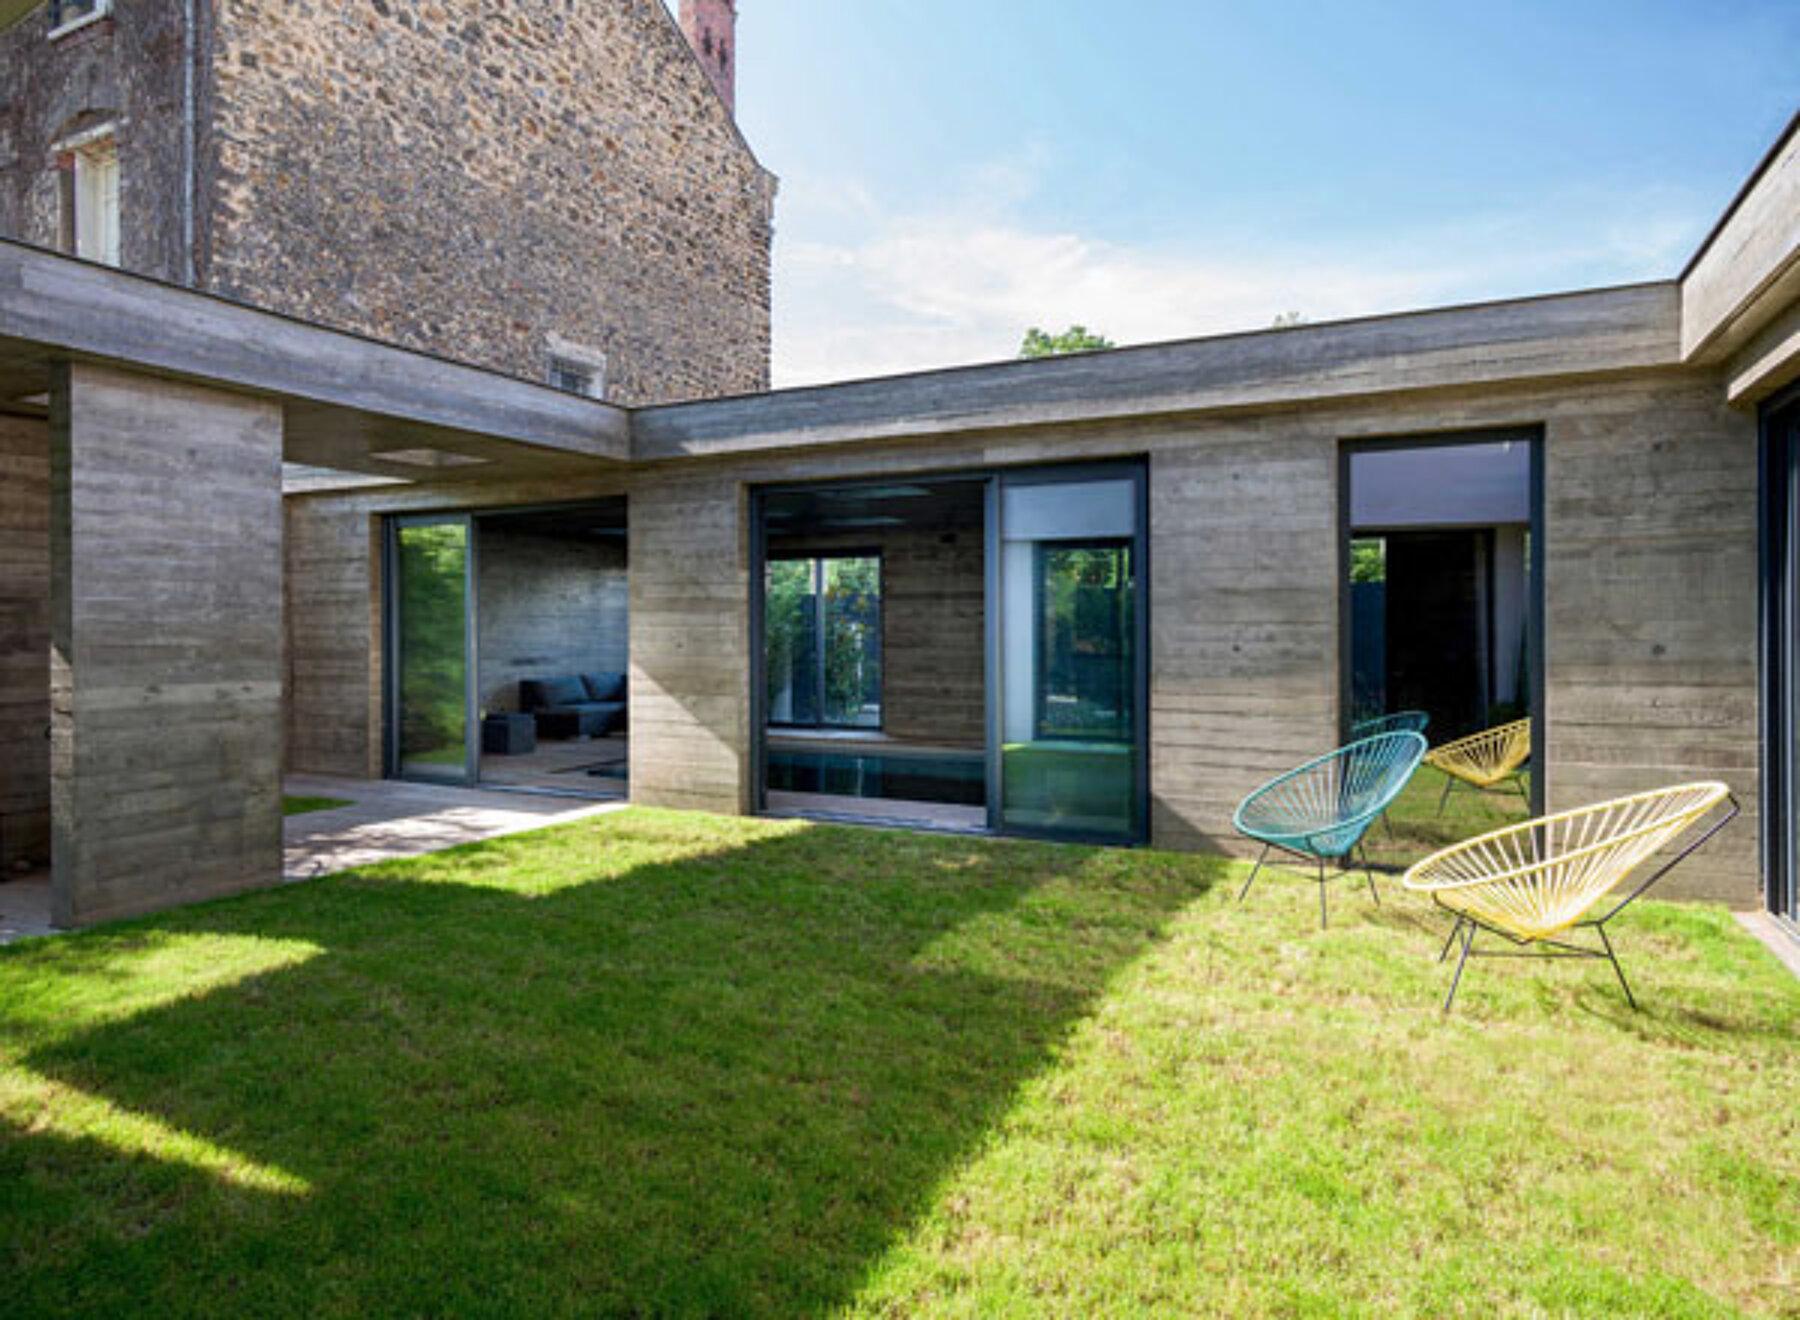 Extension Maison Piscine Couverte ᐅ construction neuve à asnières-sur-seine ≡ piscine